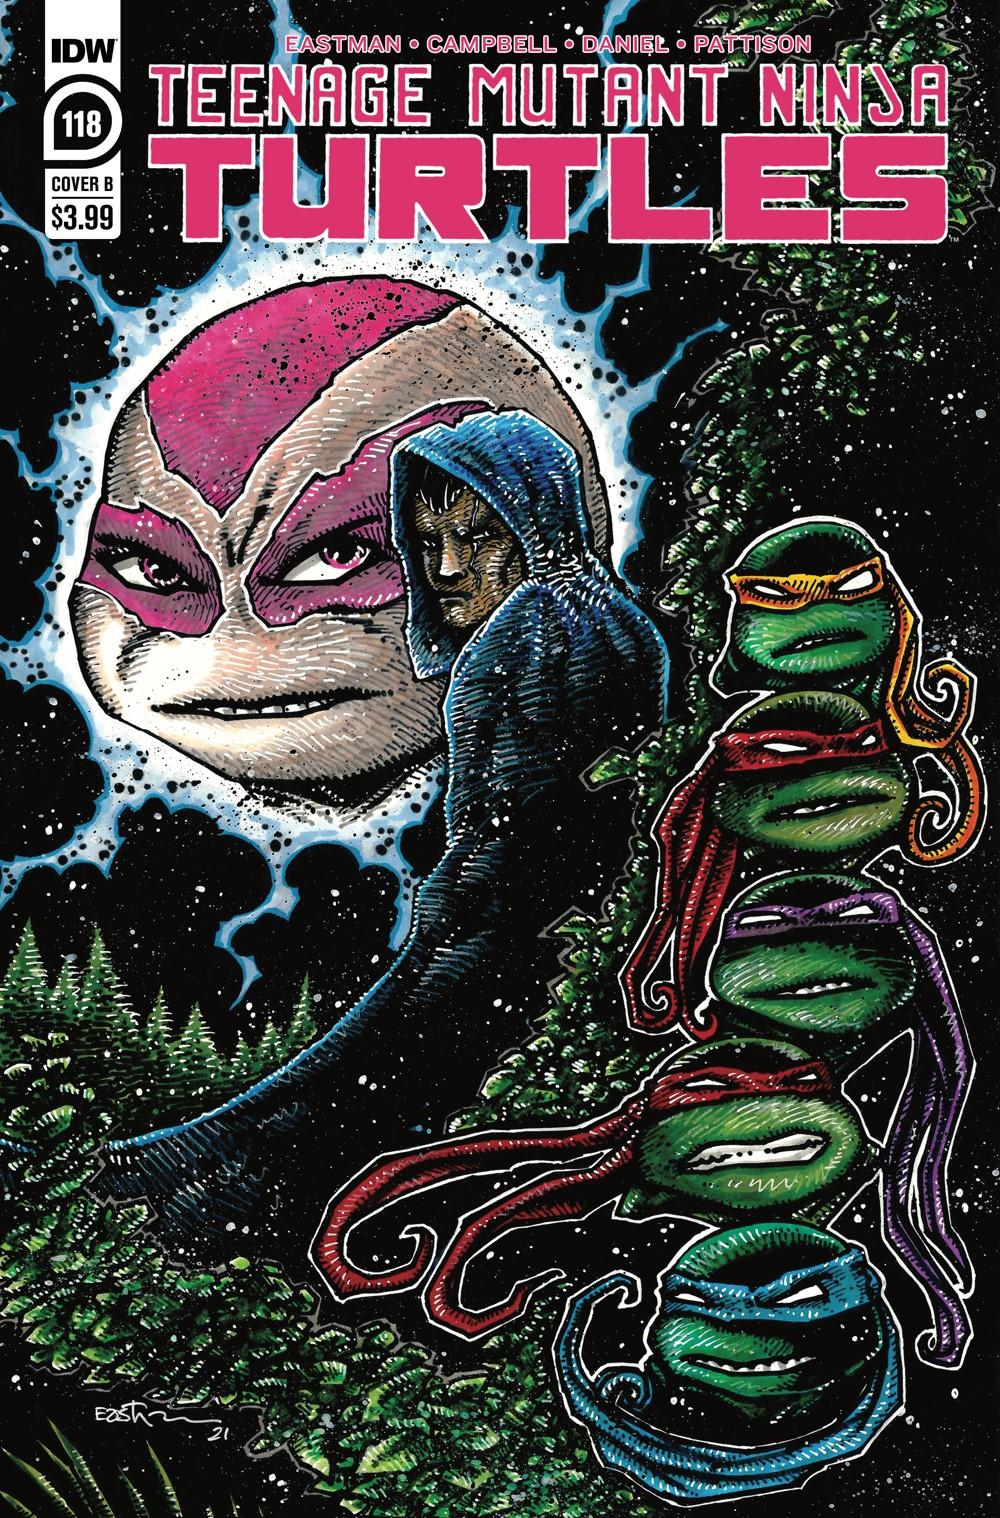 TMNT118_cvrB ComicList Previews: TEENAGE MUTANT NINJA TURTLES #118